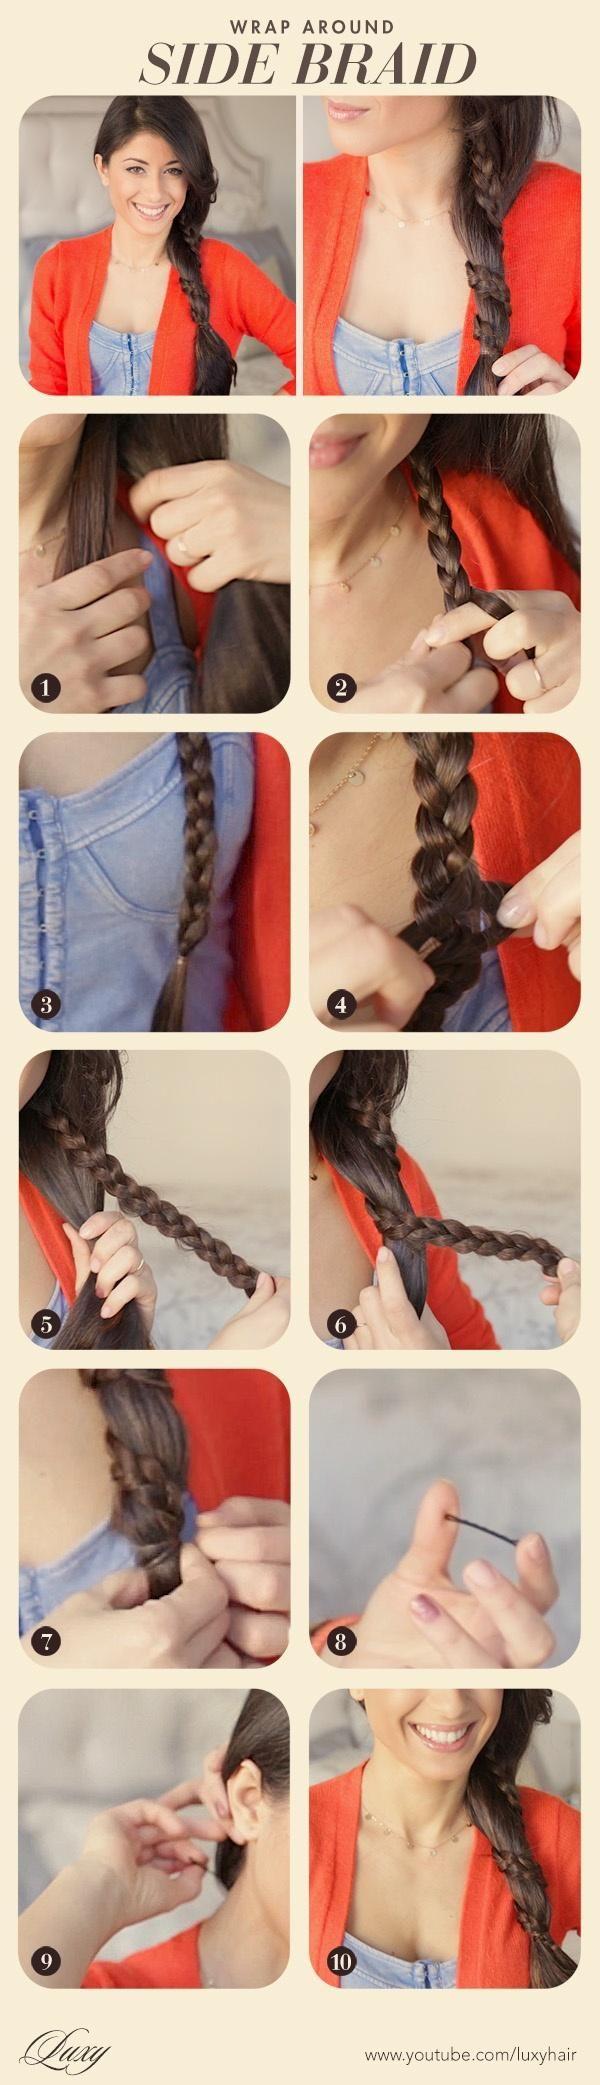 side braid, wrap around side braid, everyday braid, braid, funky braid, easy hairstyle